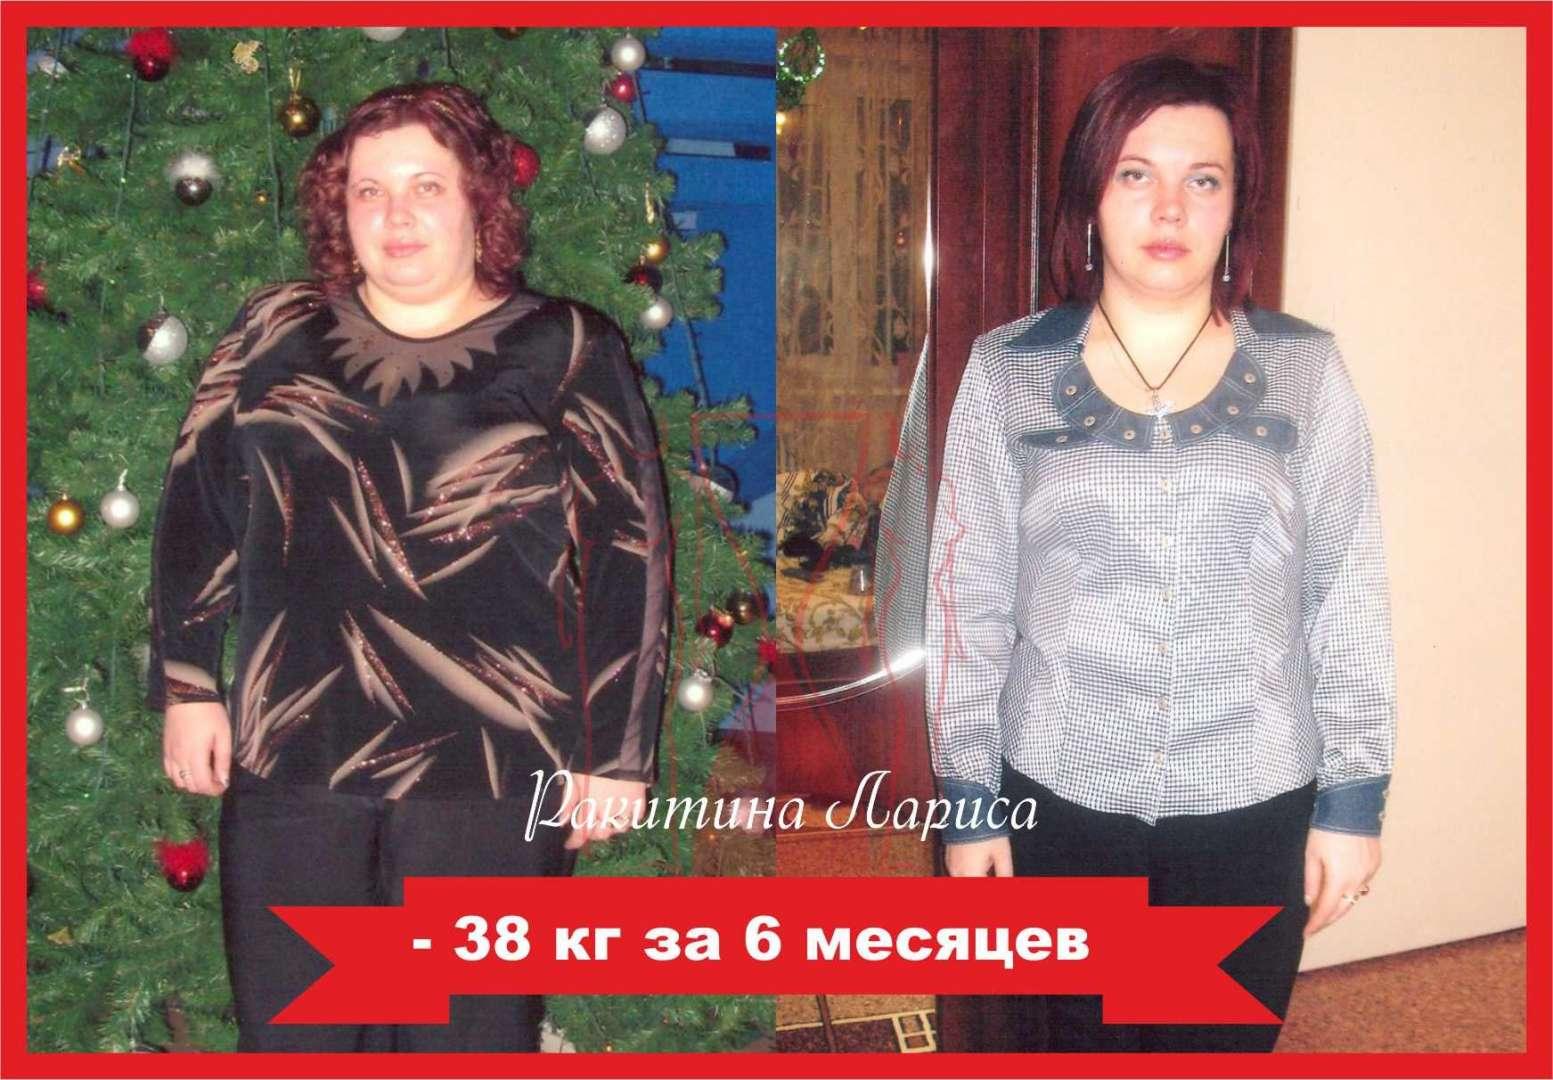 Белгород Центр Похудения. Центры снижения веса, лечение ожирения в Белгороде